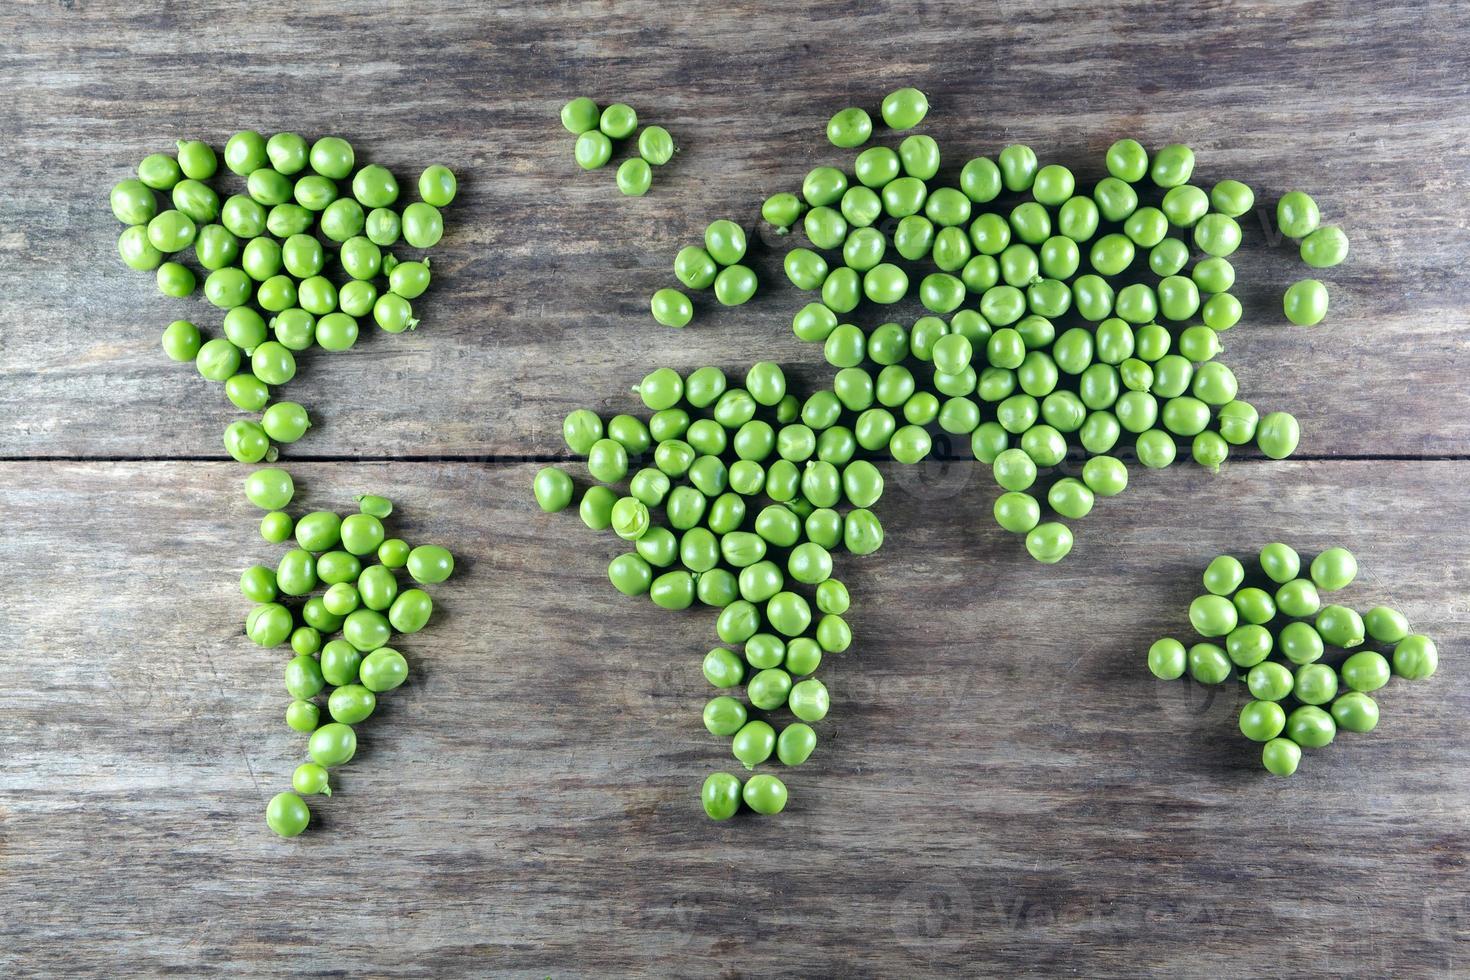 mapa do mundo feito de ervilhas foto